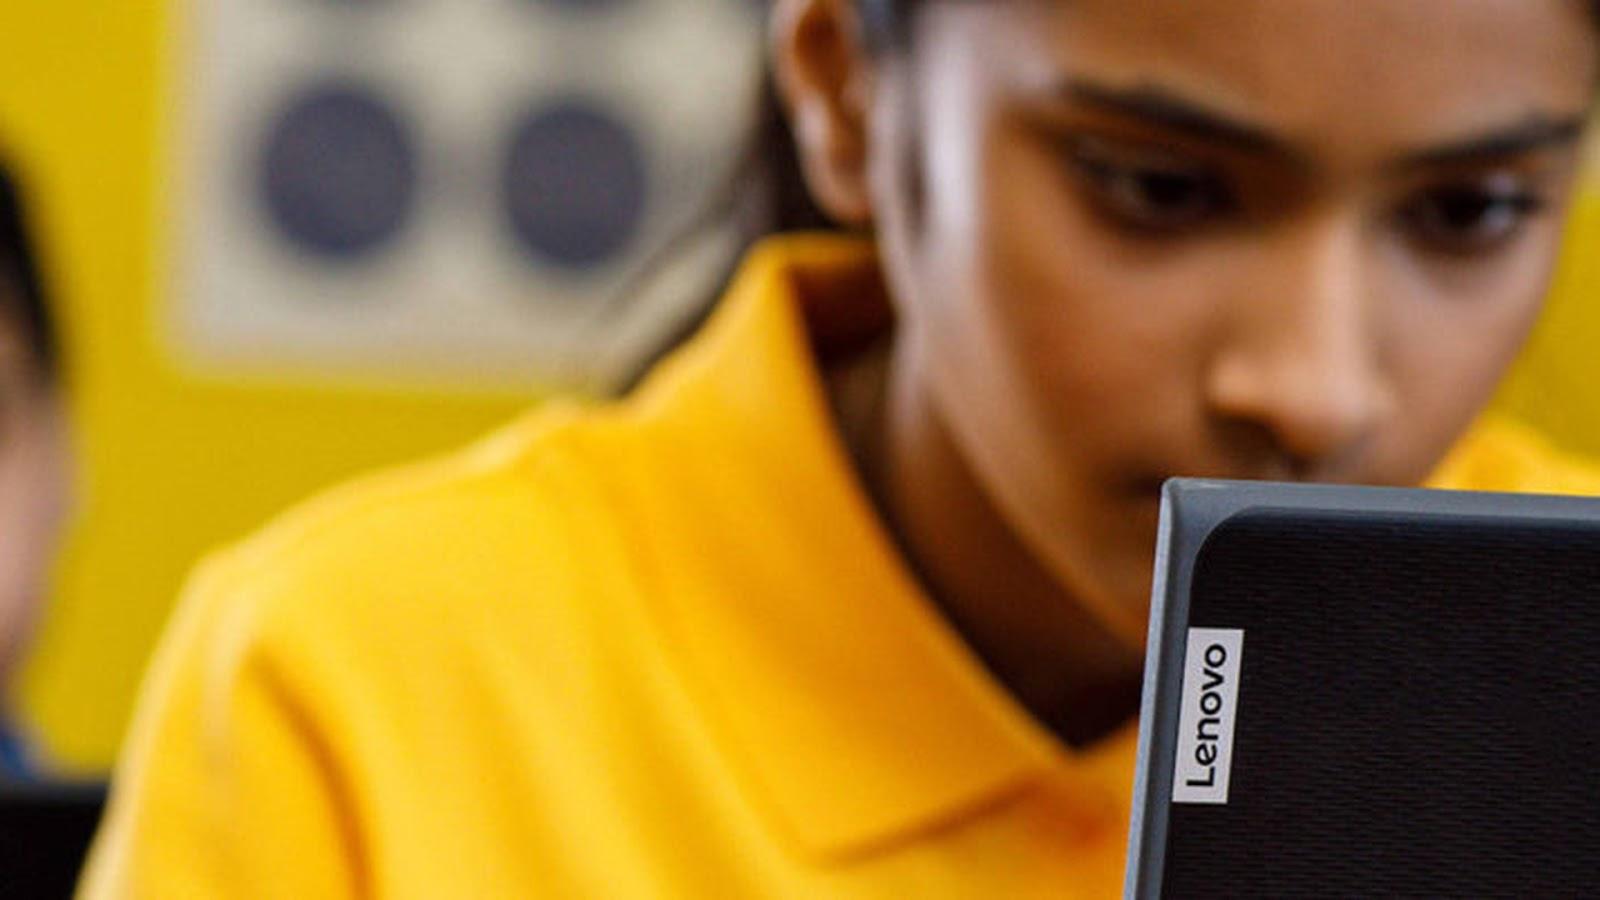 Lenovo ขยายกลุ่มผลิตภัณฑ์ซอฟต์แวร์ส่งเสริมการศึกษา ตอบรับแนวทางการศึกษาทางไกลและการเรียนรู้แบบผสมผสาน